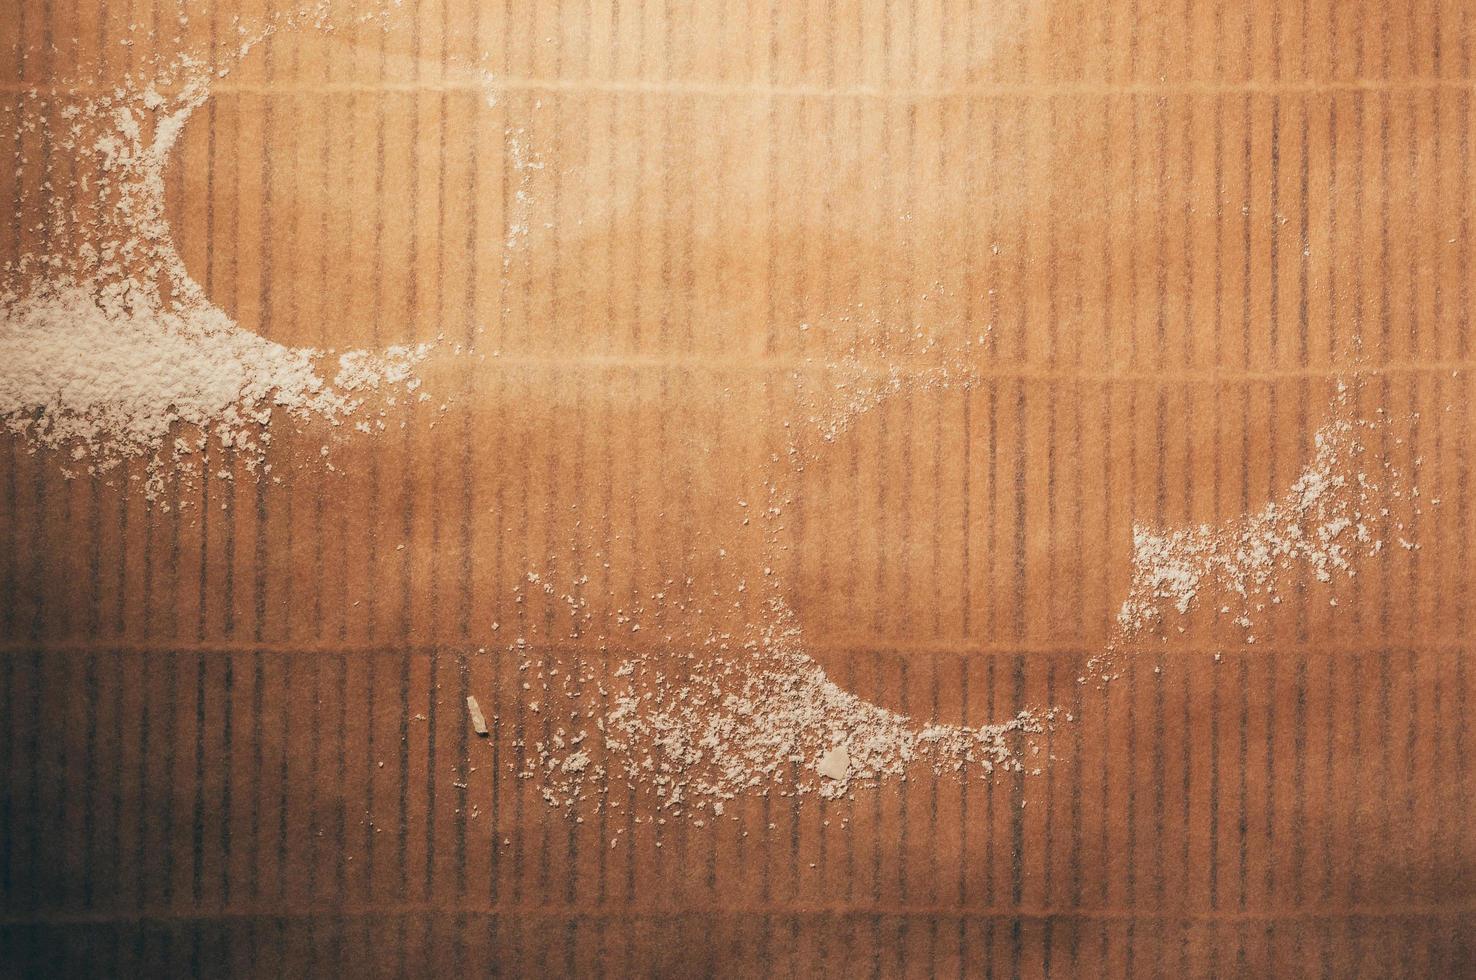 spazio vuoto da biscotti rotondi formati da farina sul tavolo foto